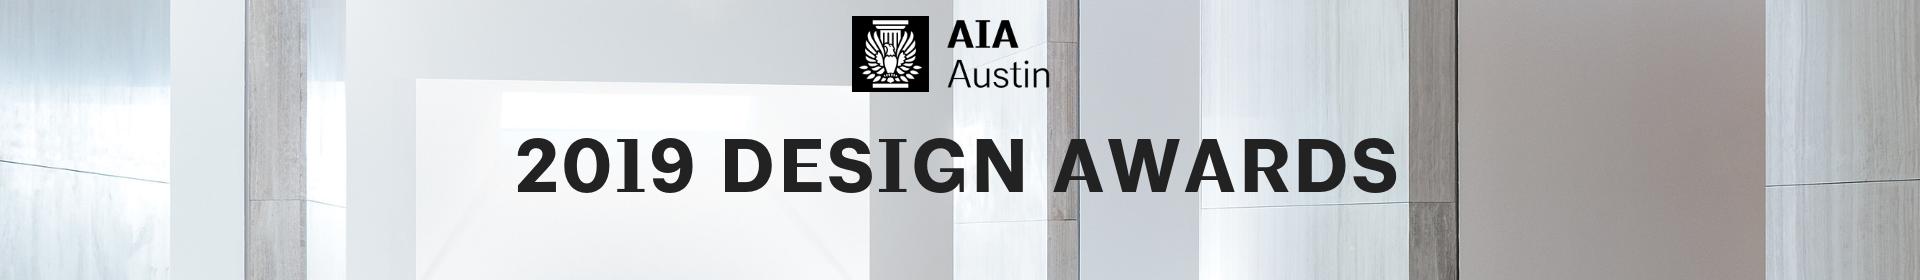 2019 Design Awards Event Banner